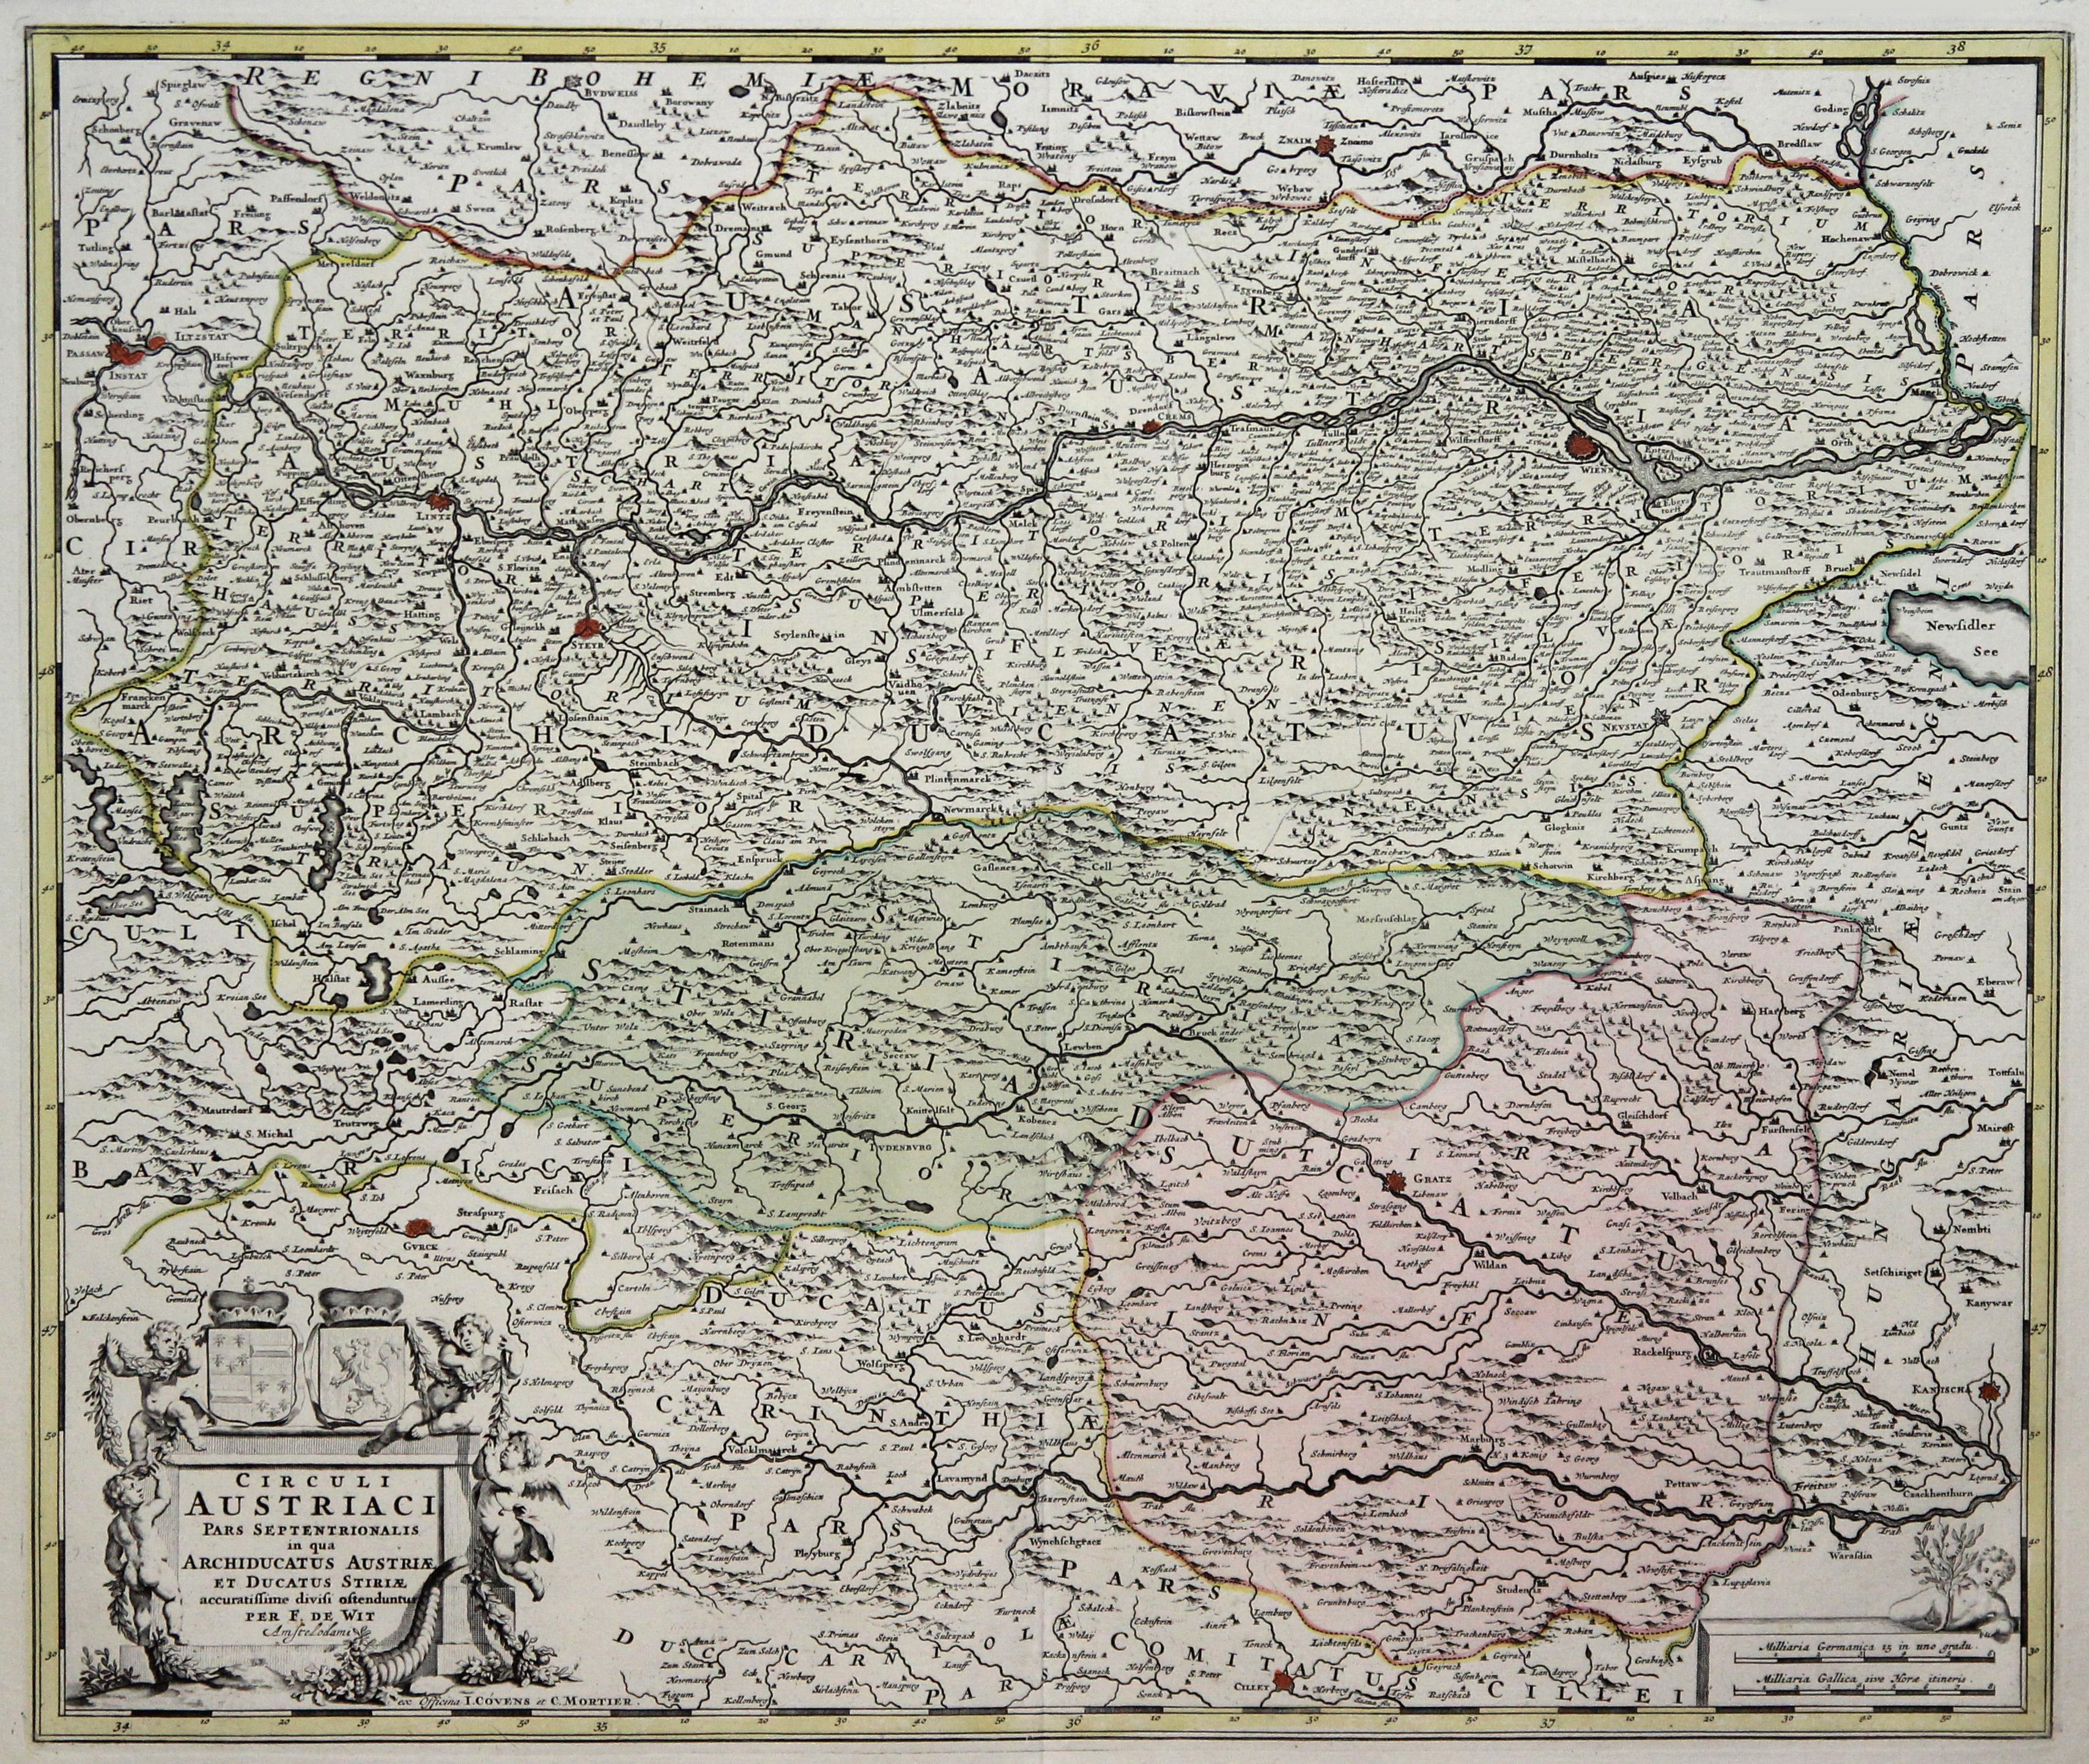 Kst.- Karte, n. F. de Wit b.: Österreichischer Kreis: